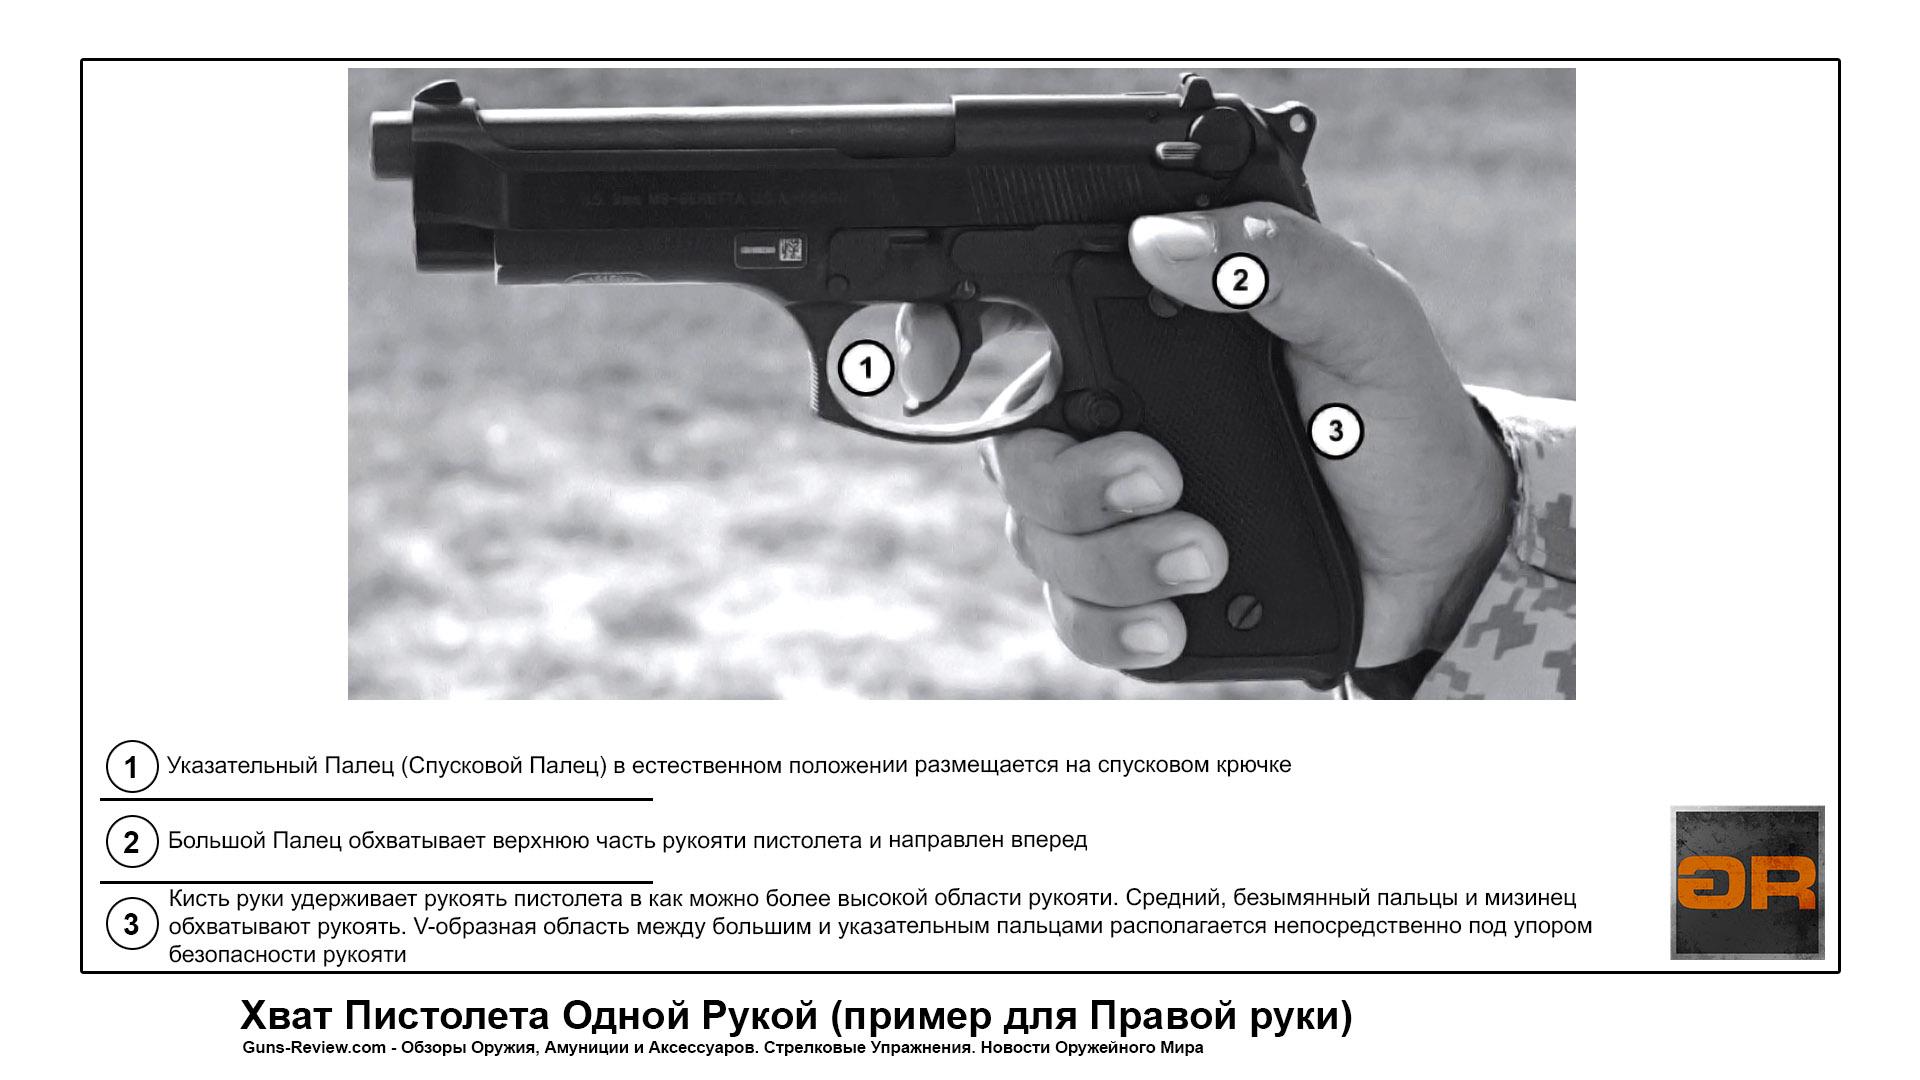 Выполнение Хвата Пистолета Одной Рукой (пример для Правой руки) / US ARMY Pistol, 2017. Перевод и адаптация Guns-Review.com